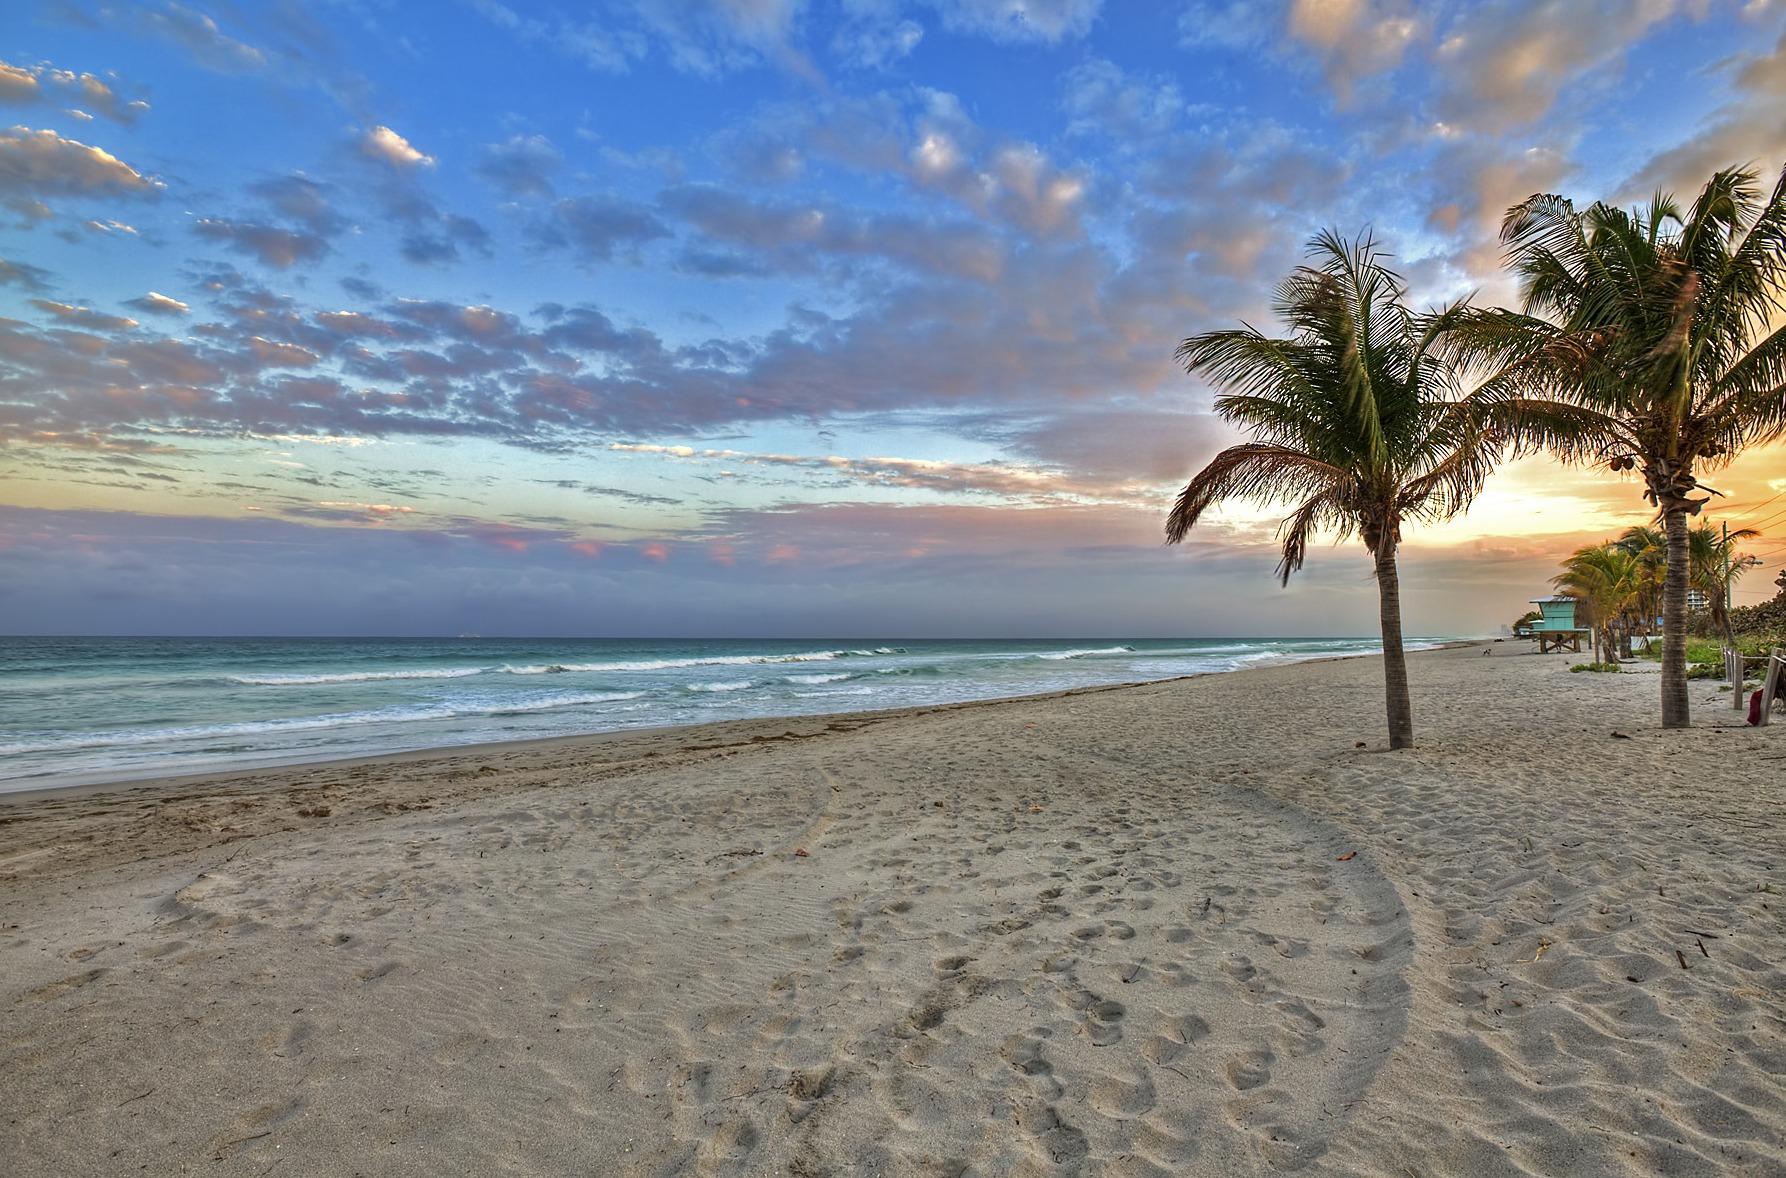 108632 Title Photography Beach Ocean Wallpaper Beautiful Sunrise Beach Background 1786x1178 Download Hd Wallpaper Wallpapertip